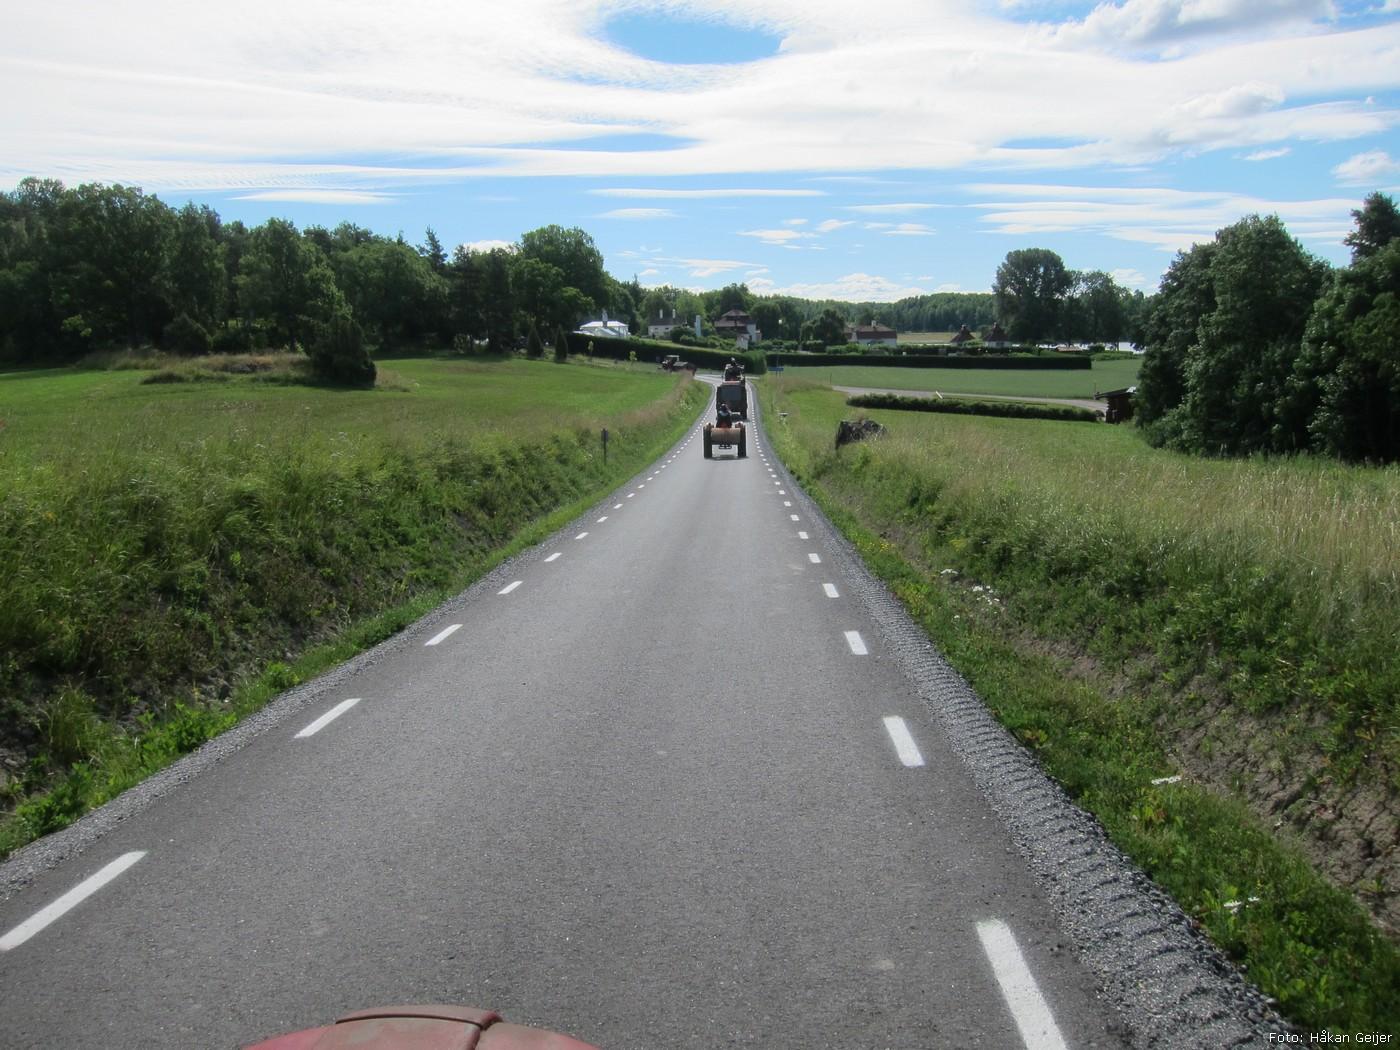 2013-07-20_004_Traktorresa